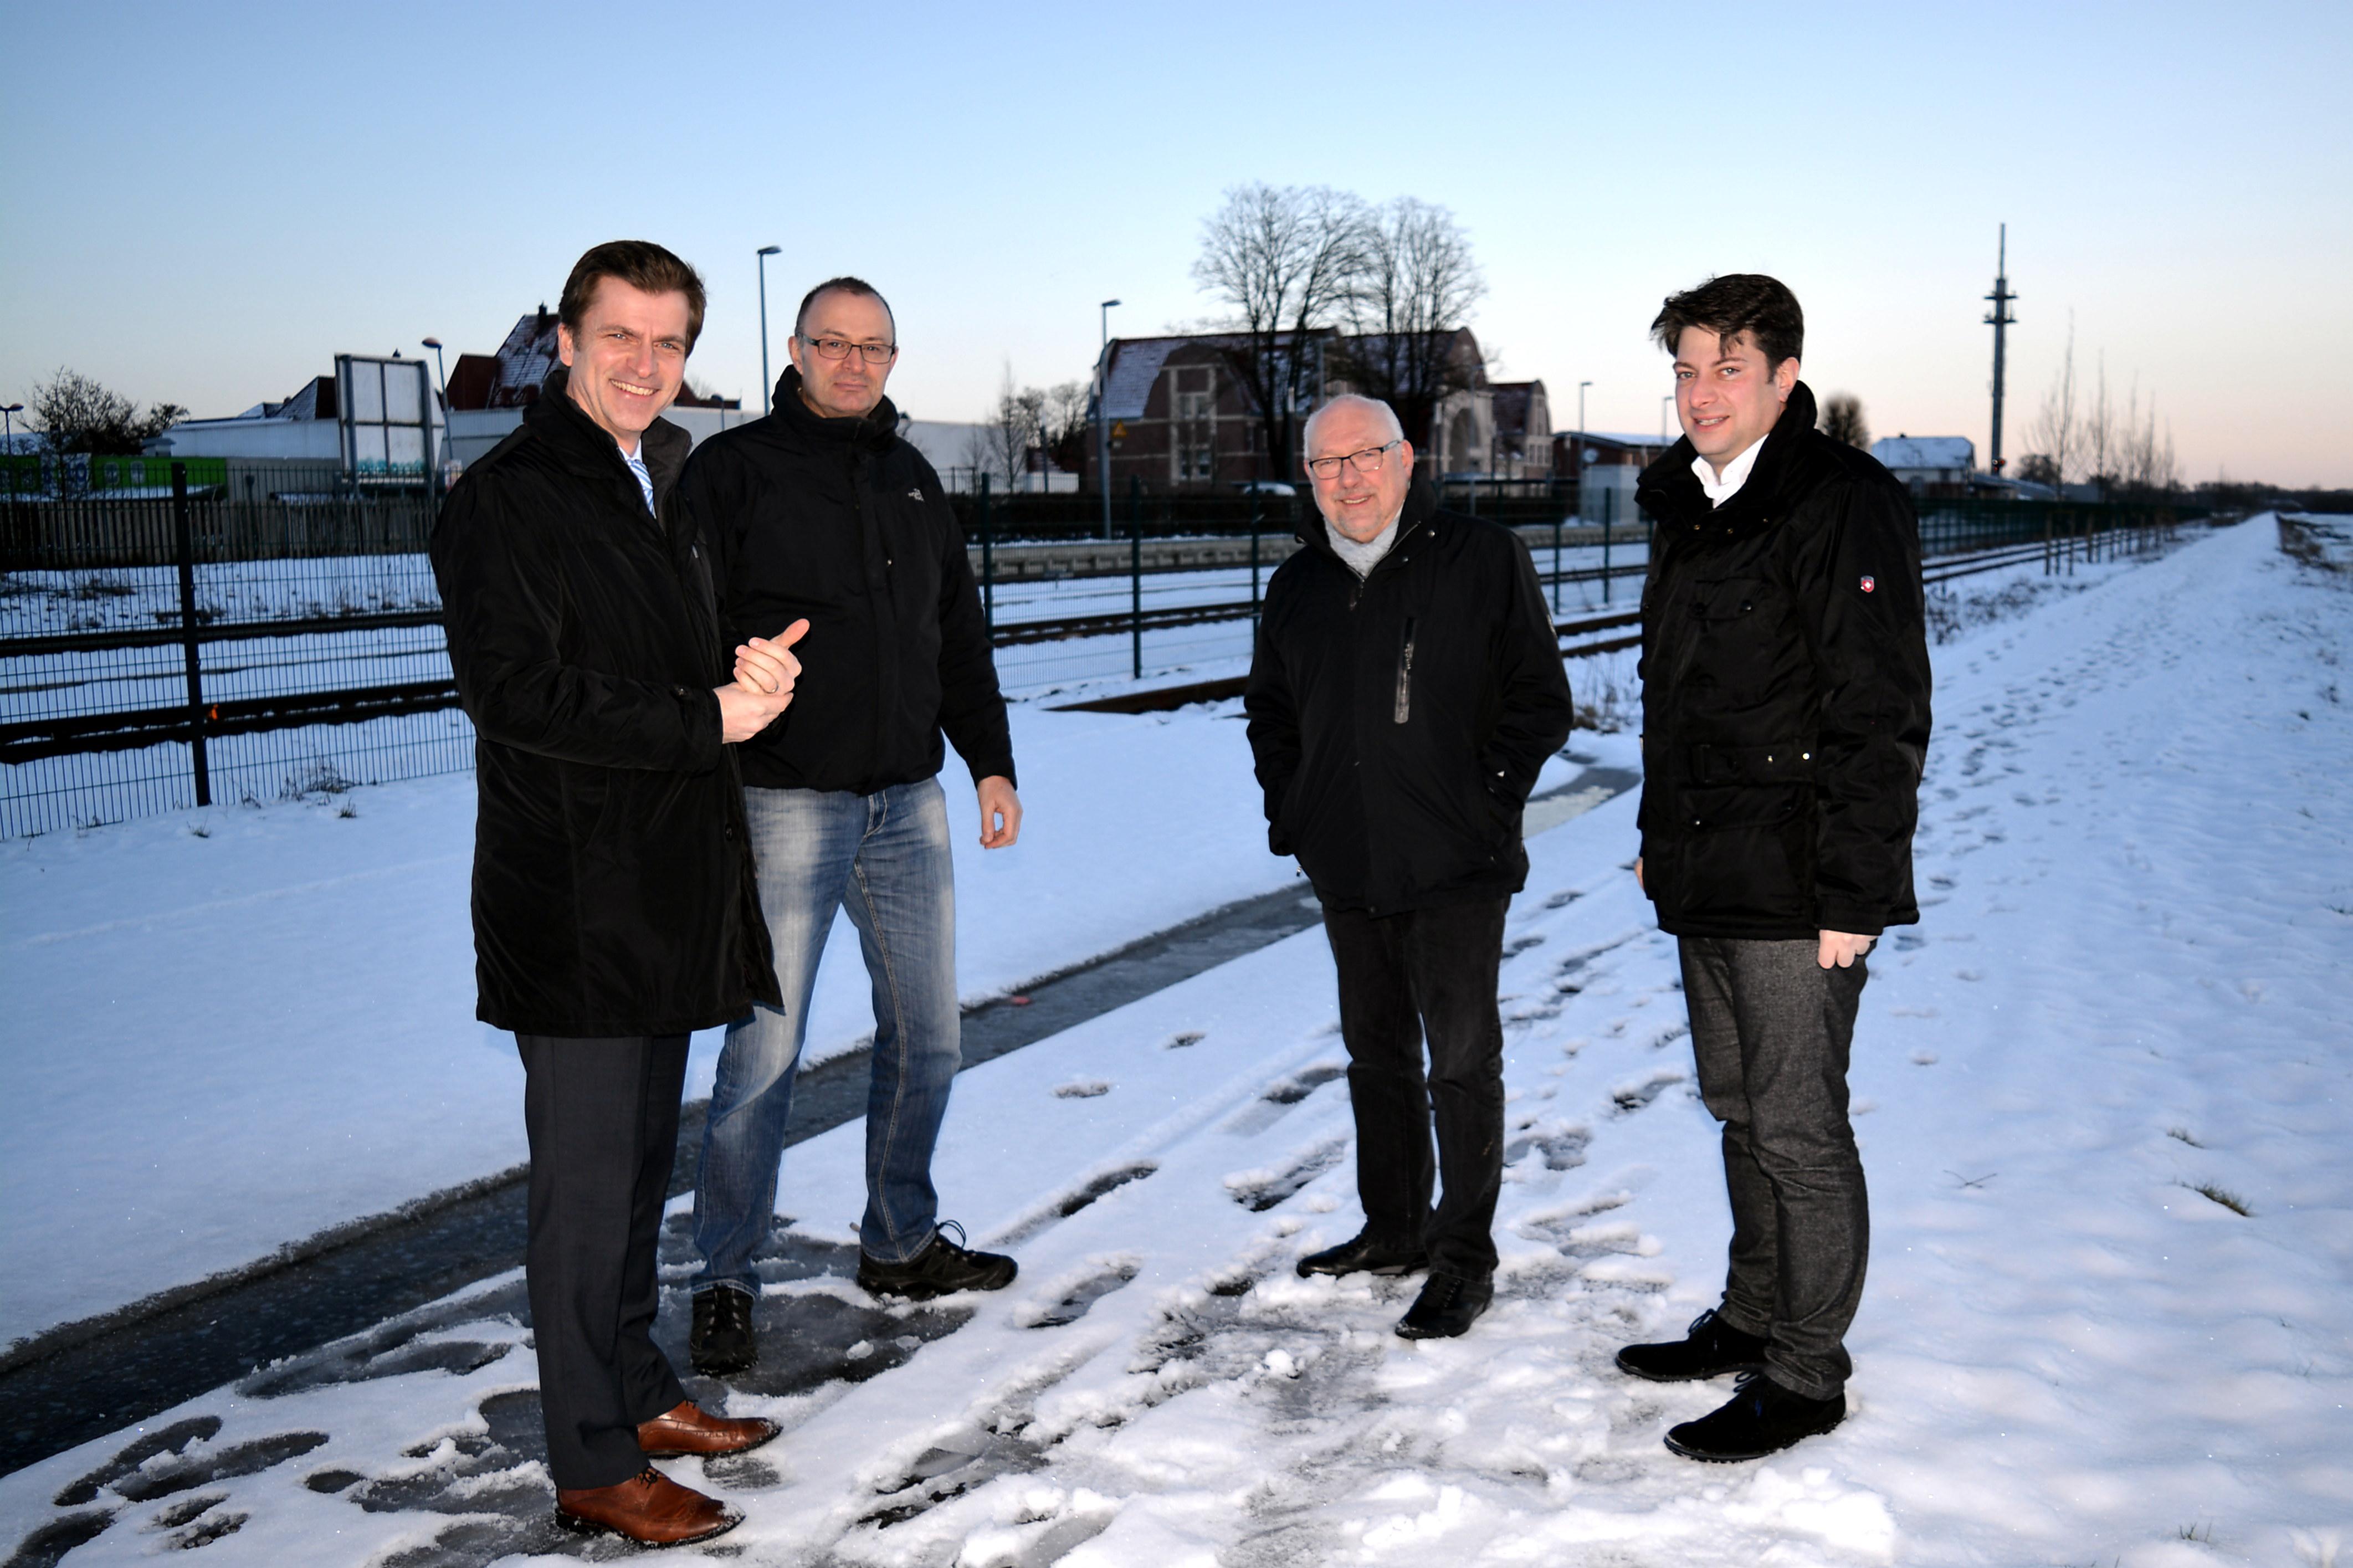 2017: Kalter Vor-Ort-Termin zur Verbesserung der Bahnquerung für Fußgänger und Radfahrer in Quakenbrück.